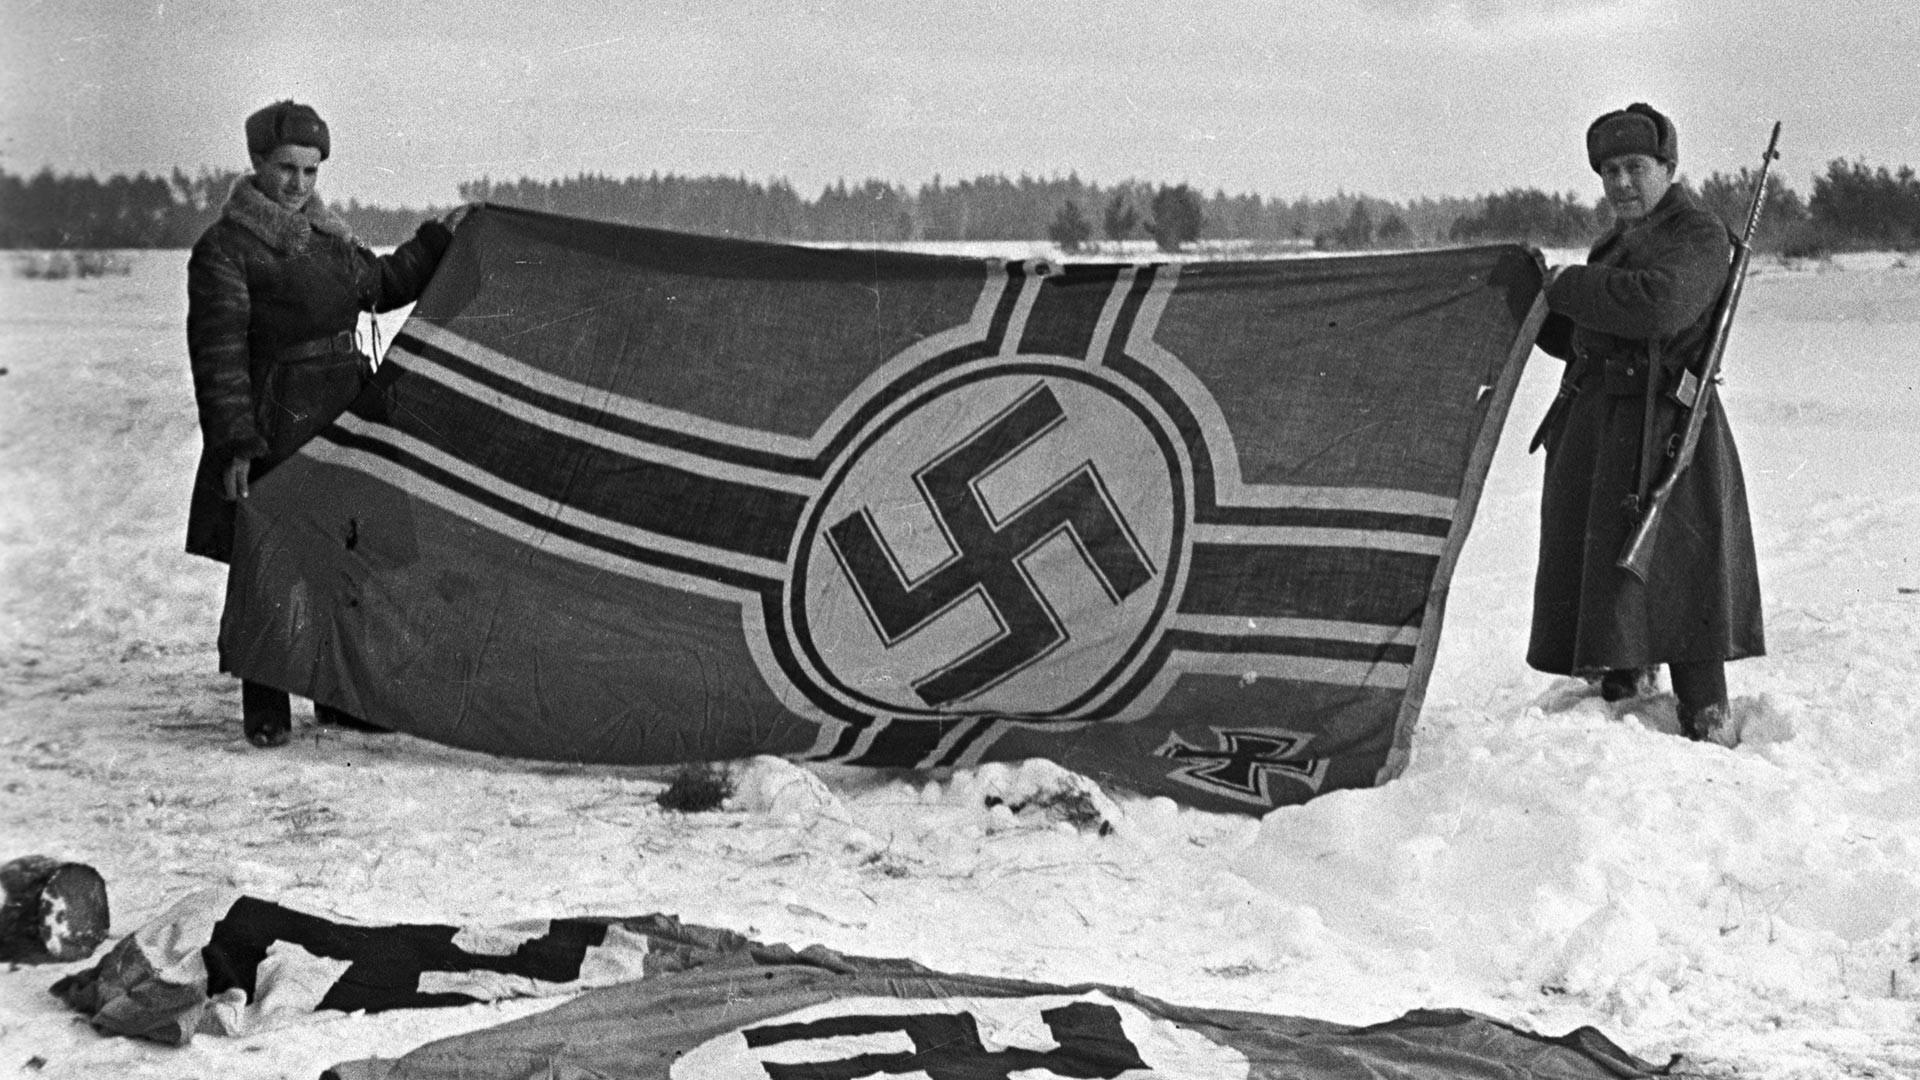 Красноармейцы демонстрируют первые немецкие знамена, захваченные в боях за освобождение города Калинина в декабре 1941 года.